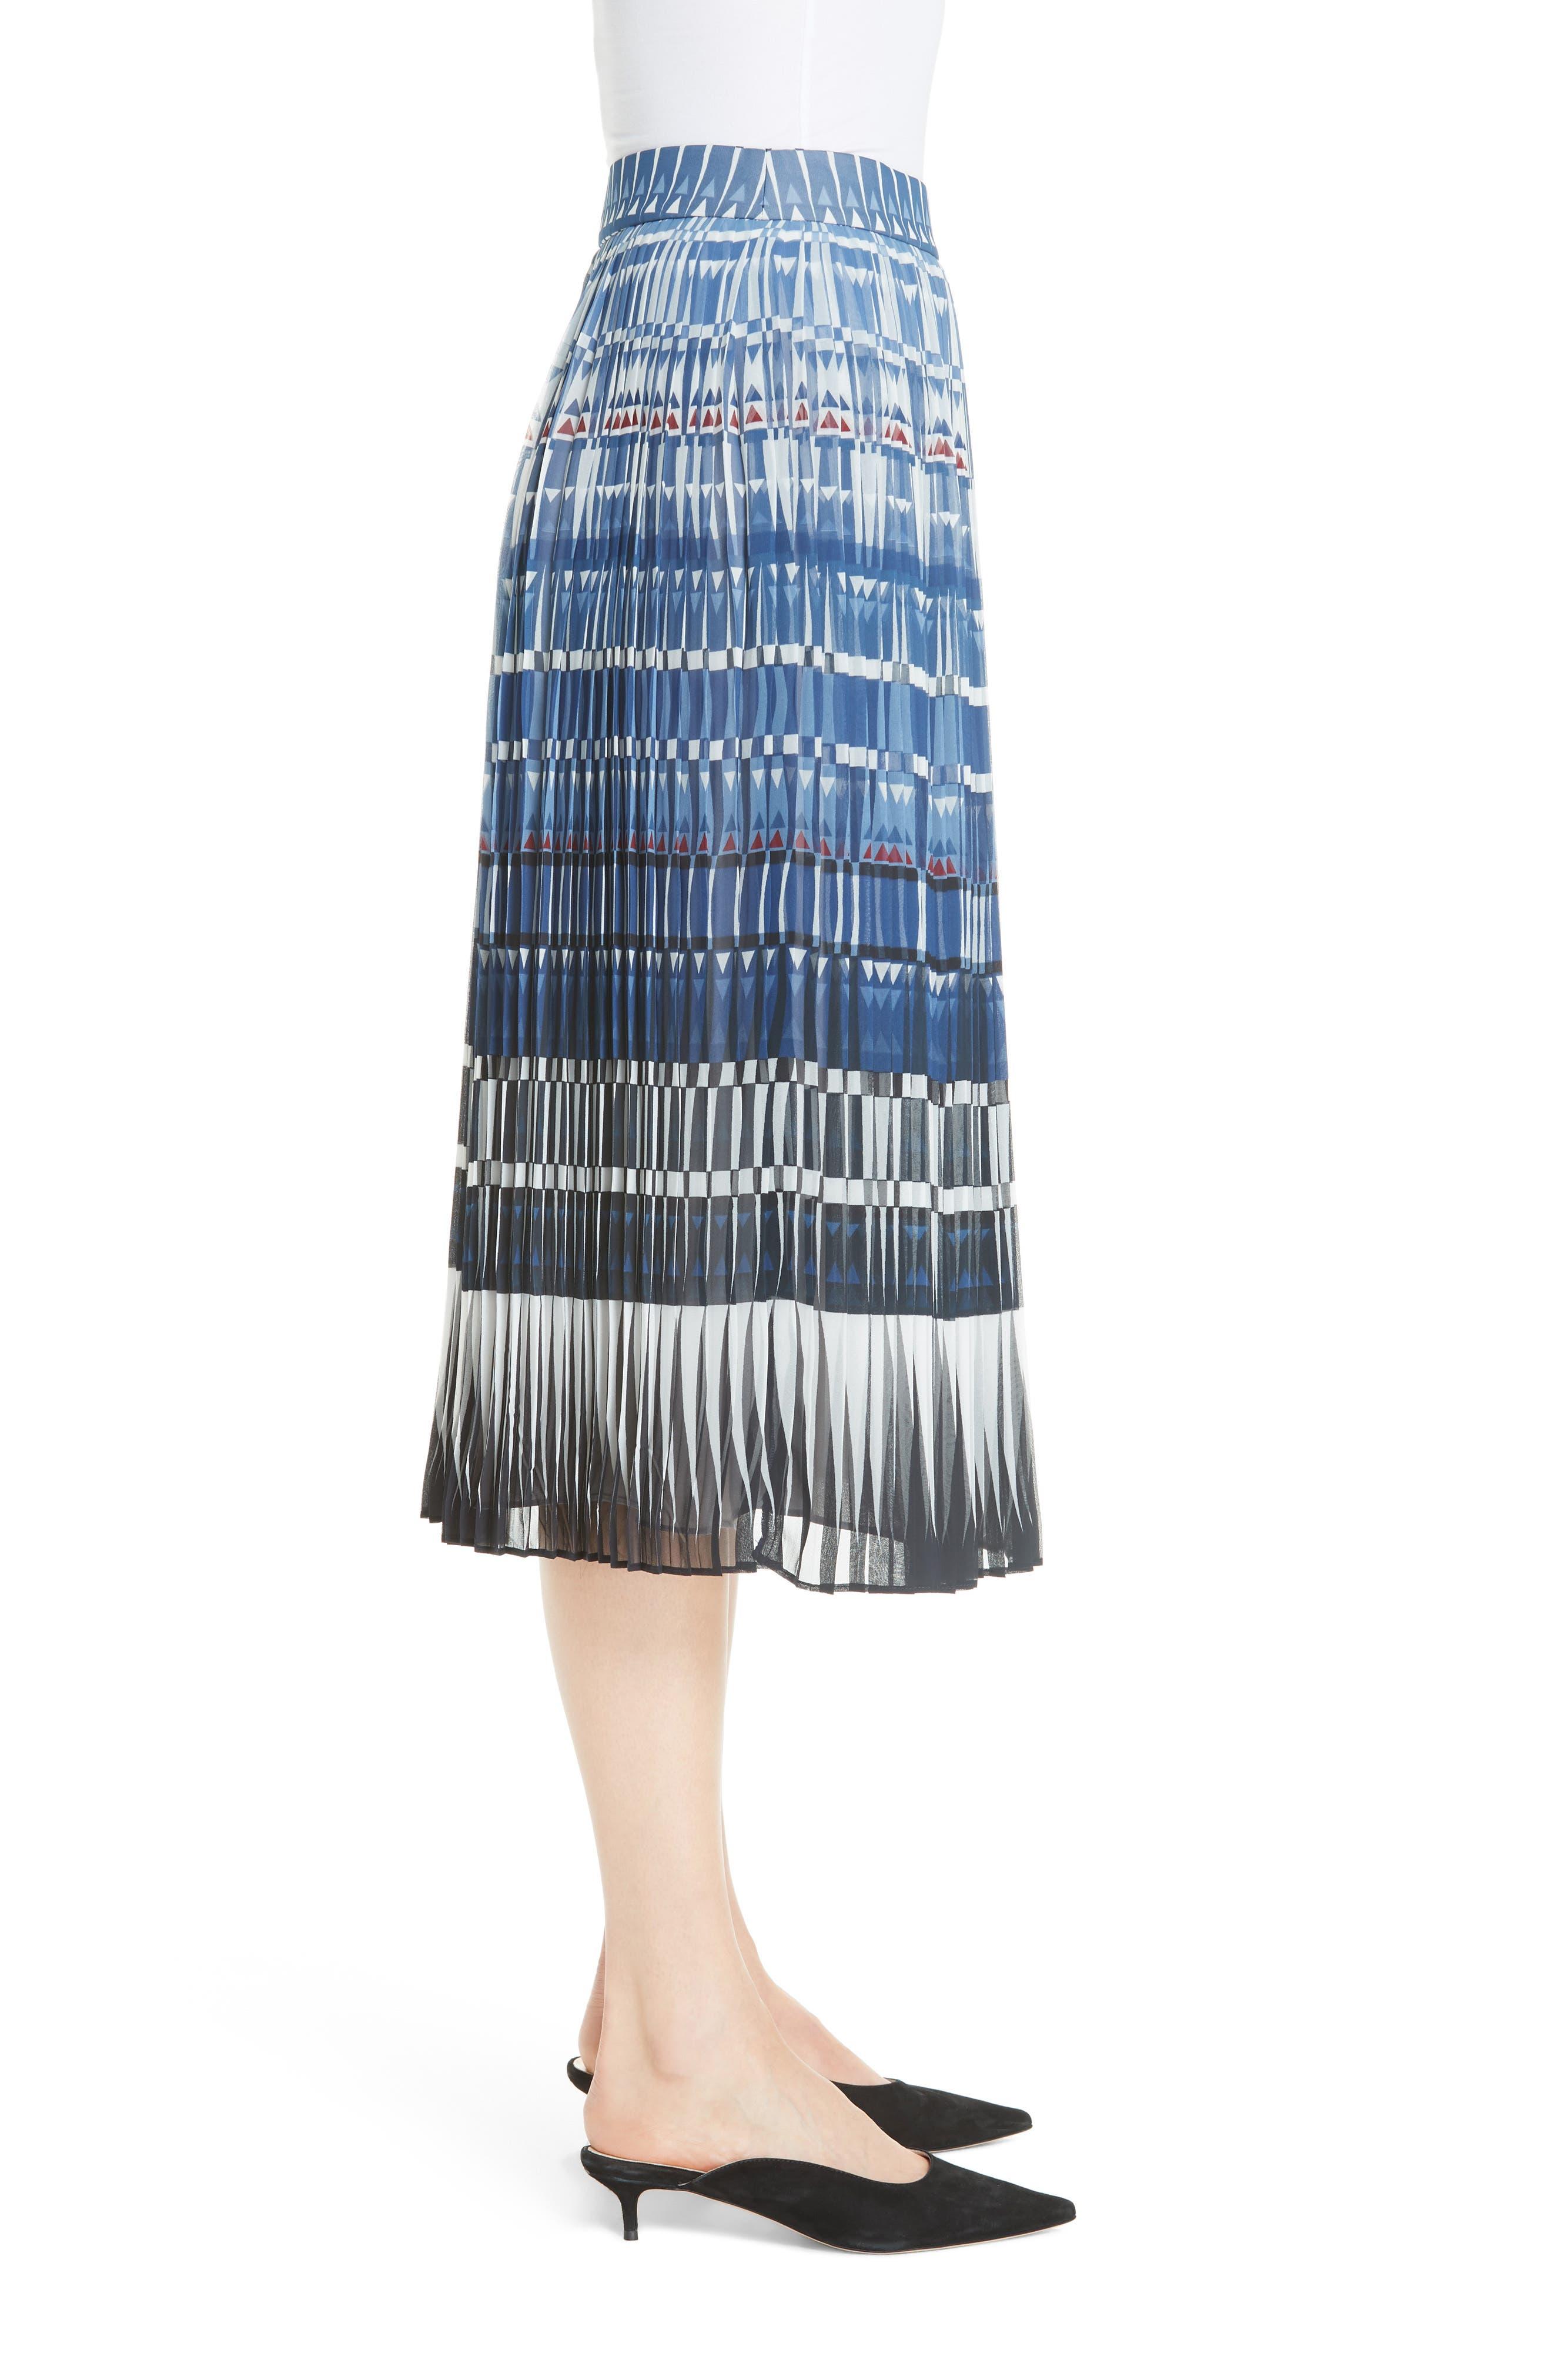 KATE SPADE NEW YORK,                             deco beale skirt,                             Alternate thumbnail 3, color,                             473